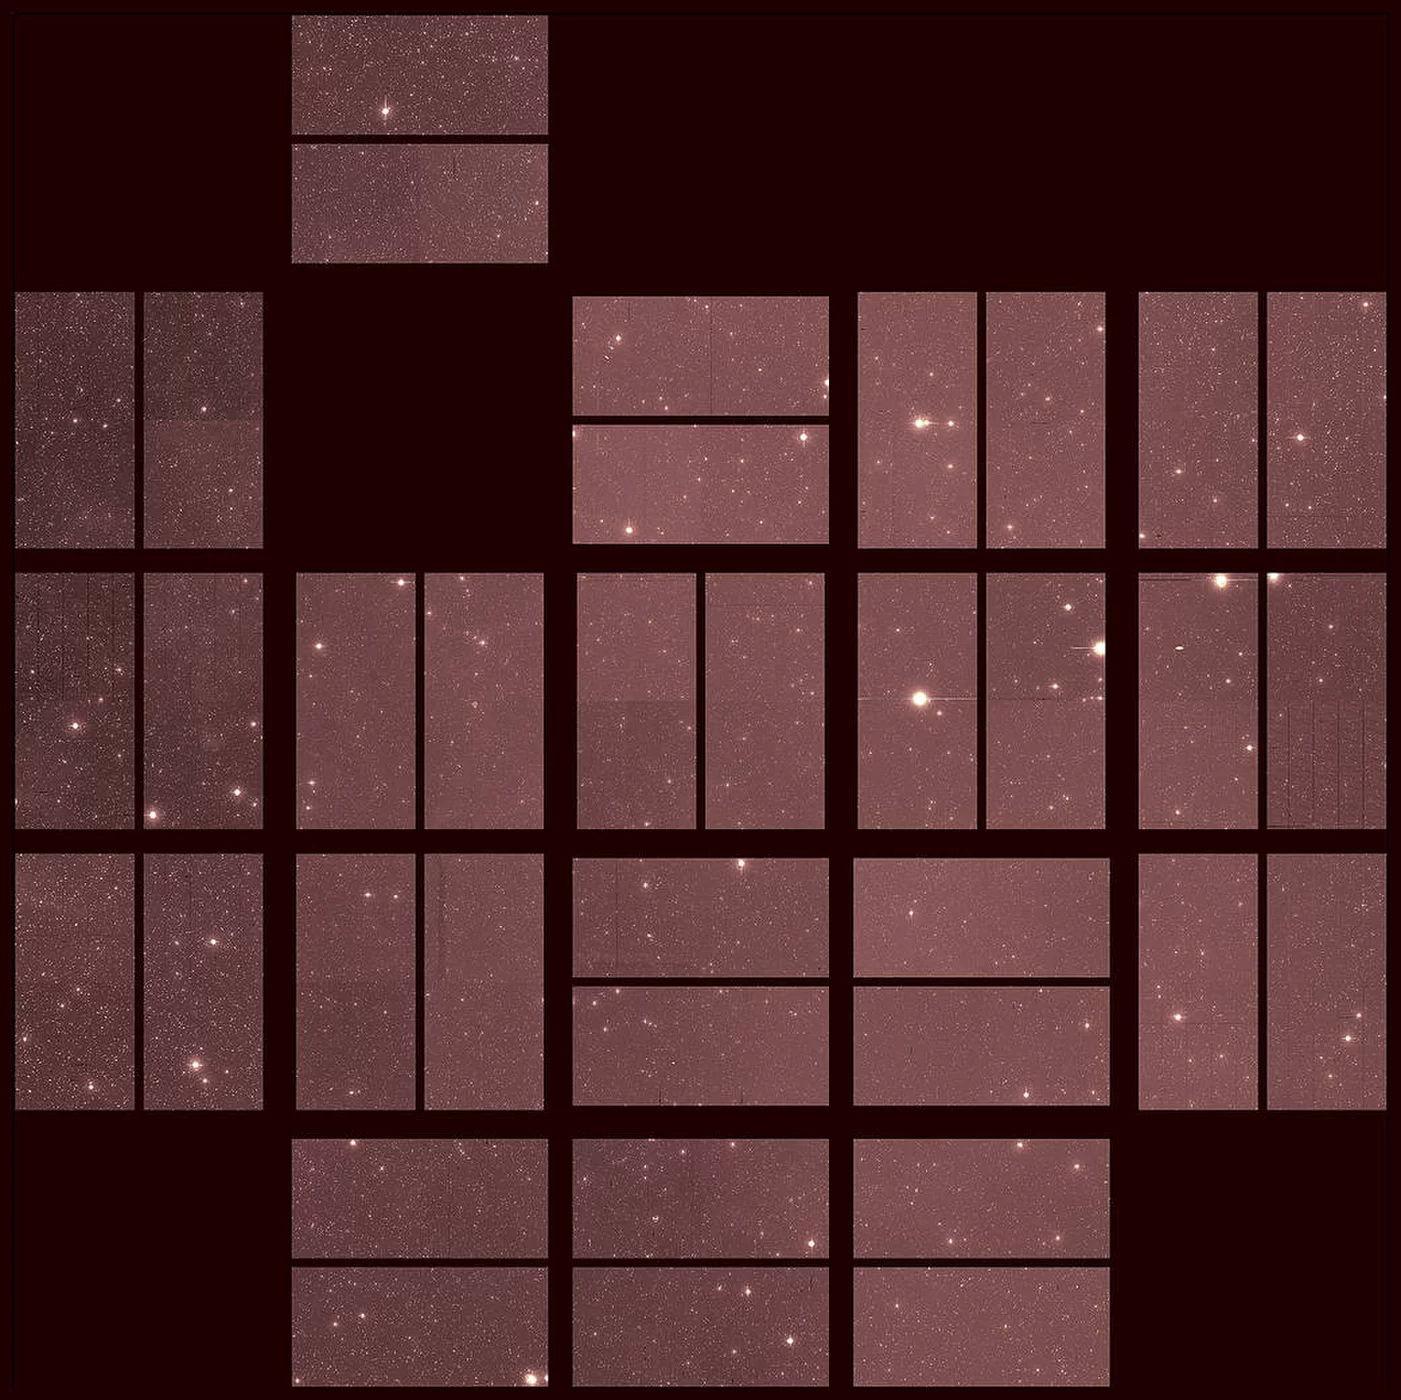 Прощальный снимок звездного неба от космического телескопа Kepler